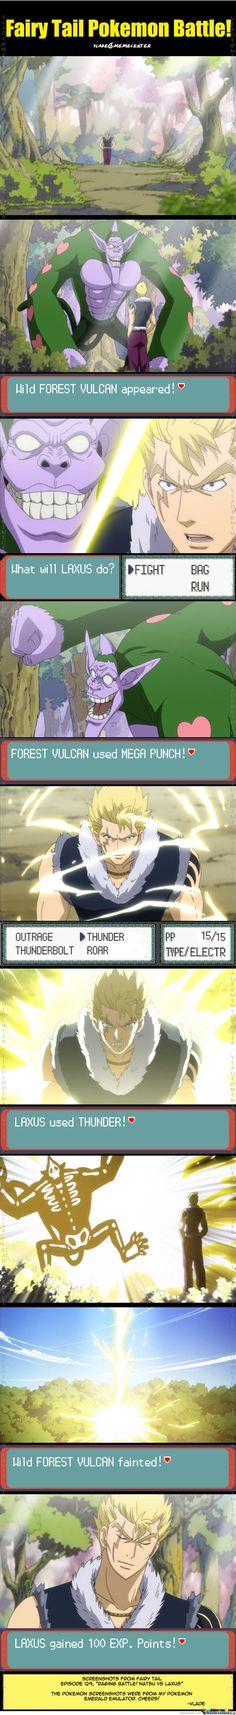 Pokemon Fairy Tail Battle (1)